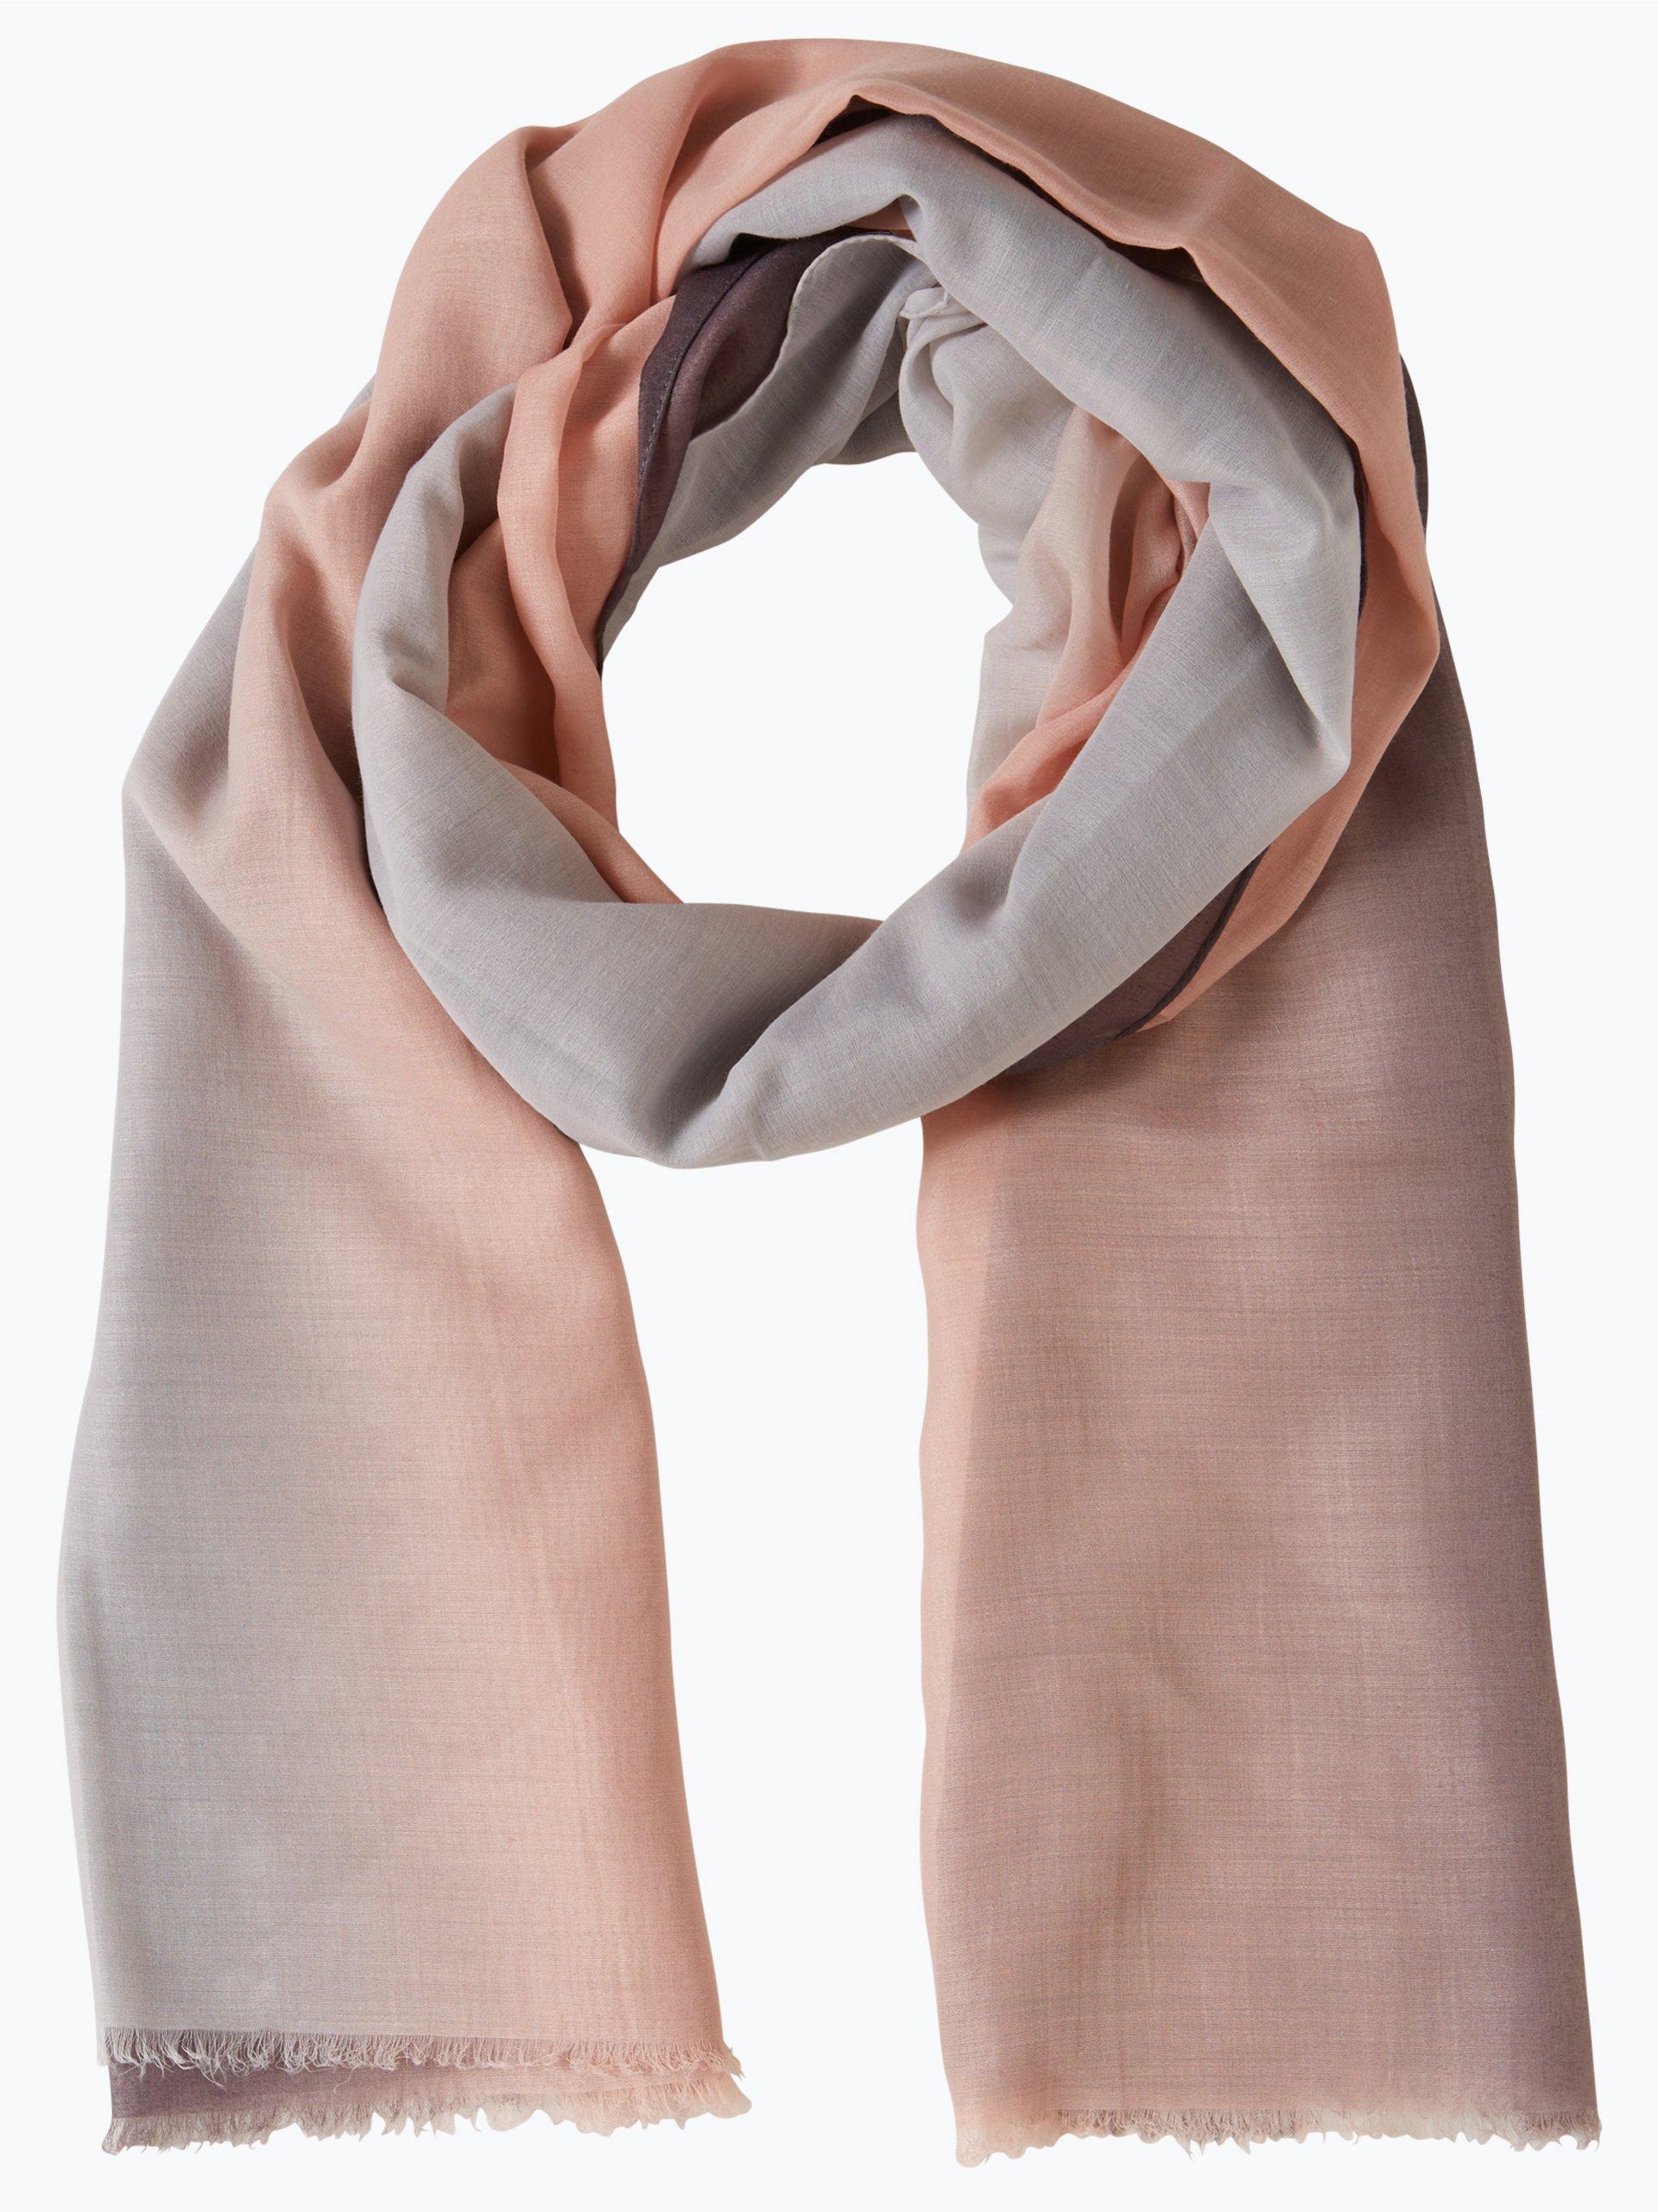 marie lund damen schal rosa gestreift online kaufen peek und cloppenburg de. Black Bedroom Furniture Sets. Home Design Ideas